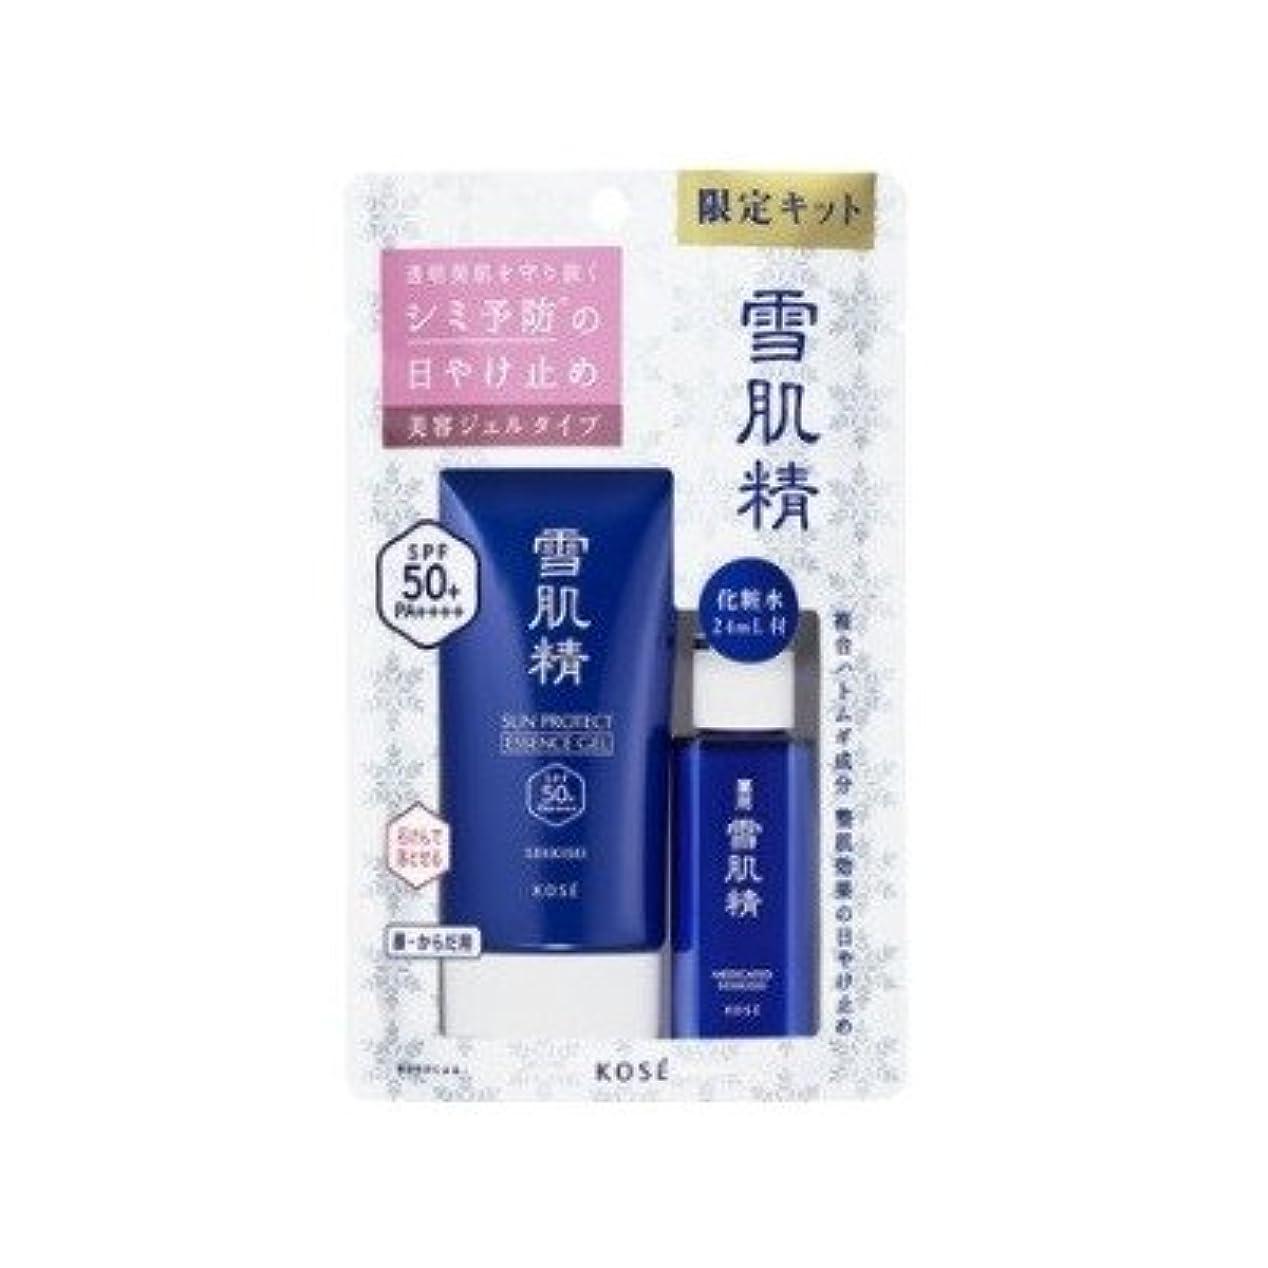 謙虚教科書鷹【限定】雪肌精 ホワイトUVジェル80g&薬用化粧水24ml